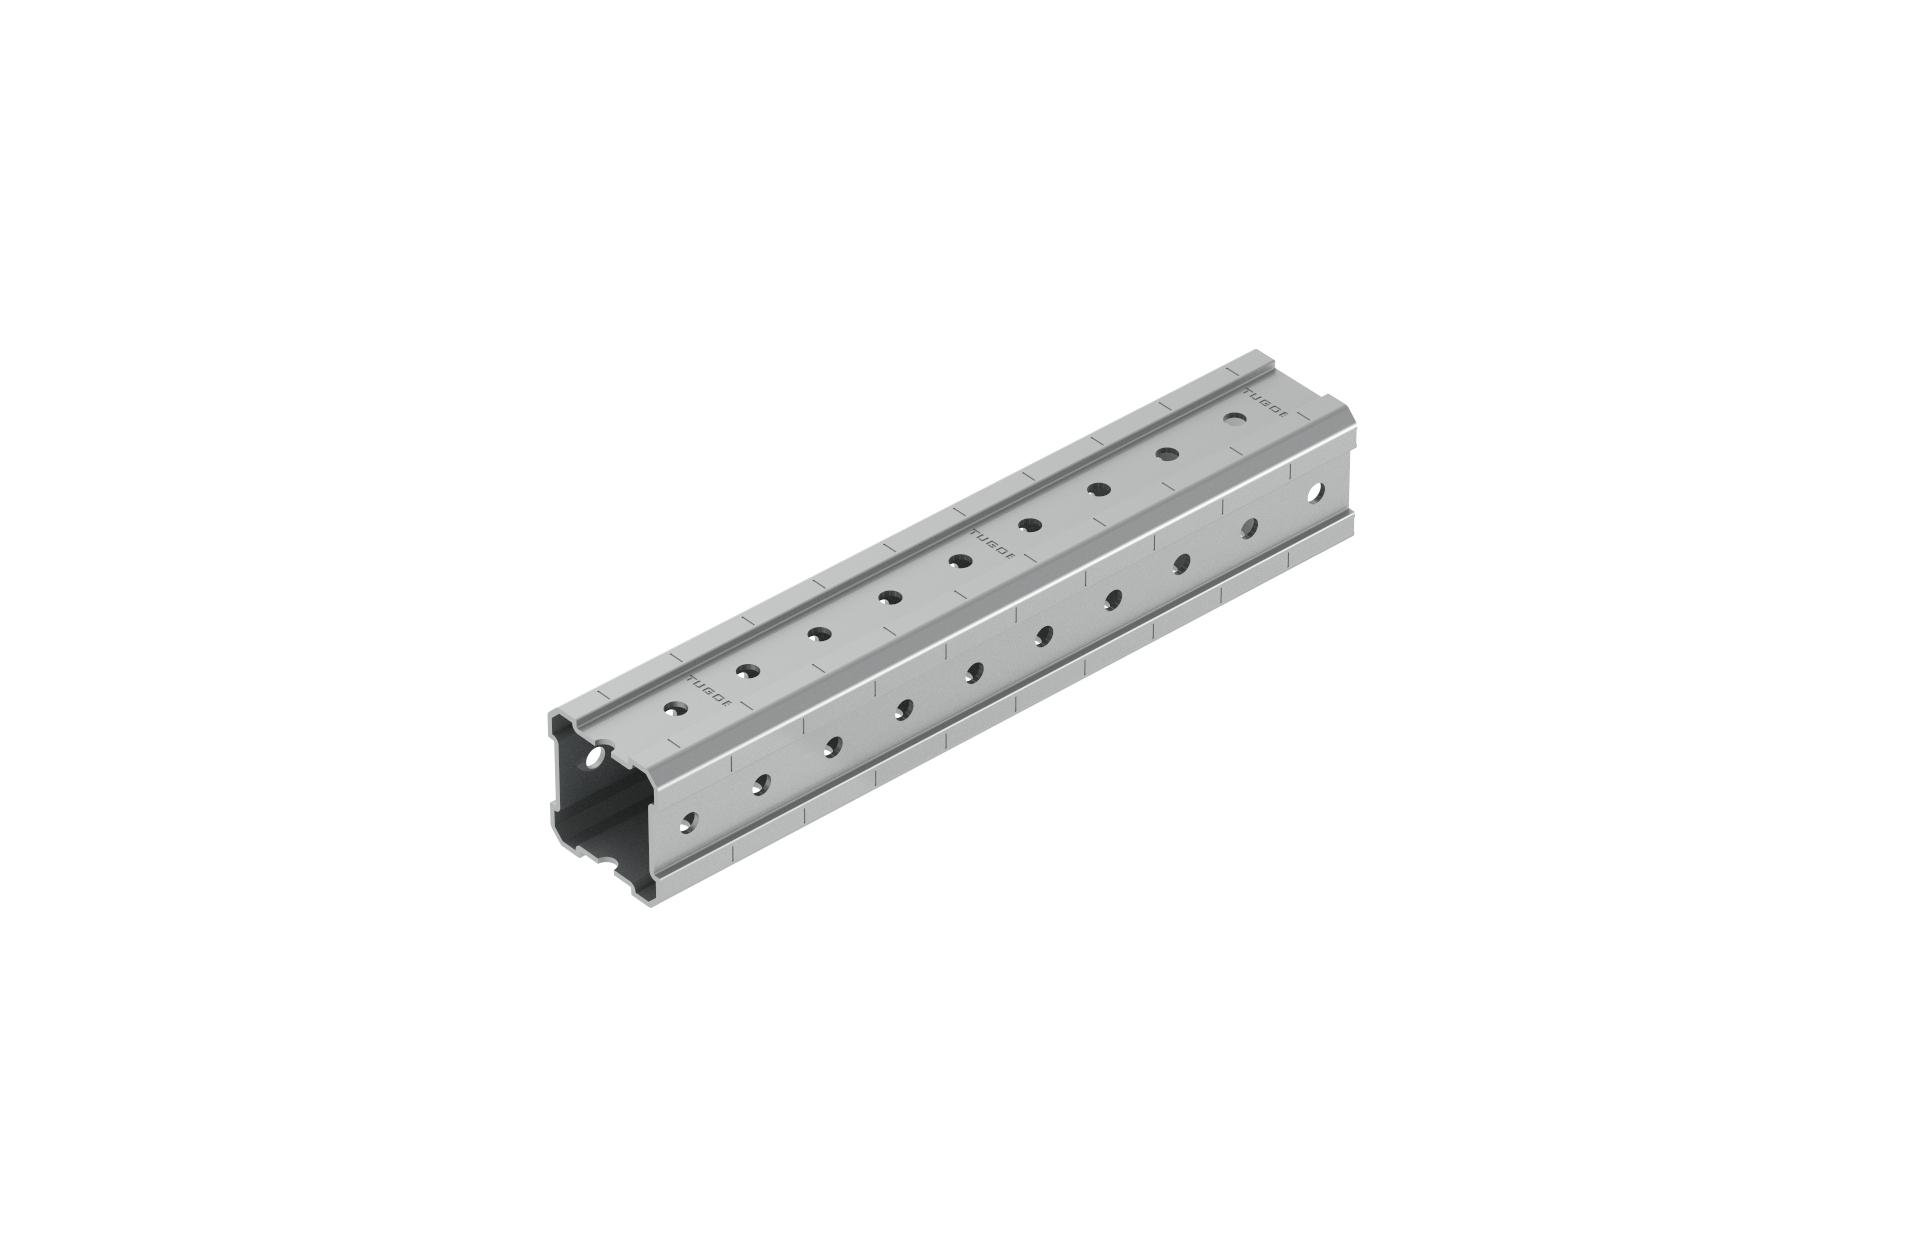 厂家供应重型槽钢槽钢拼接件钢结构底座各类型号